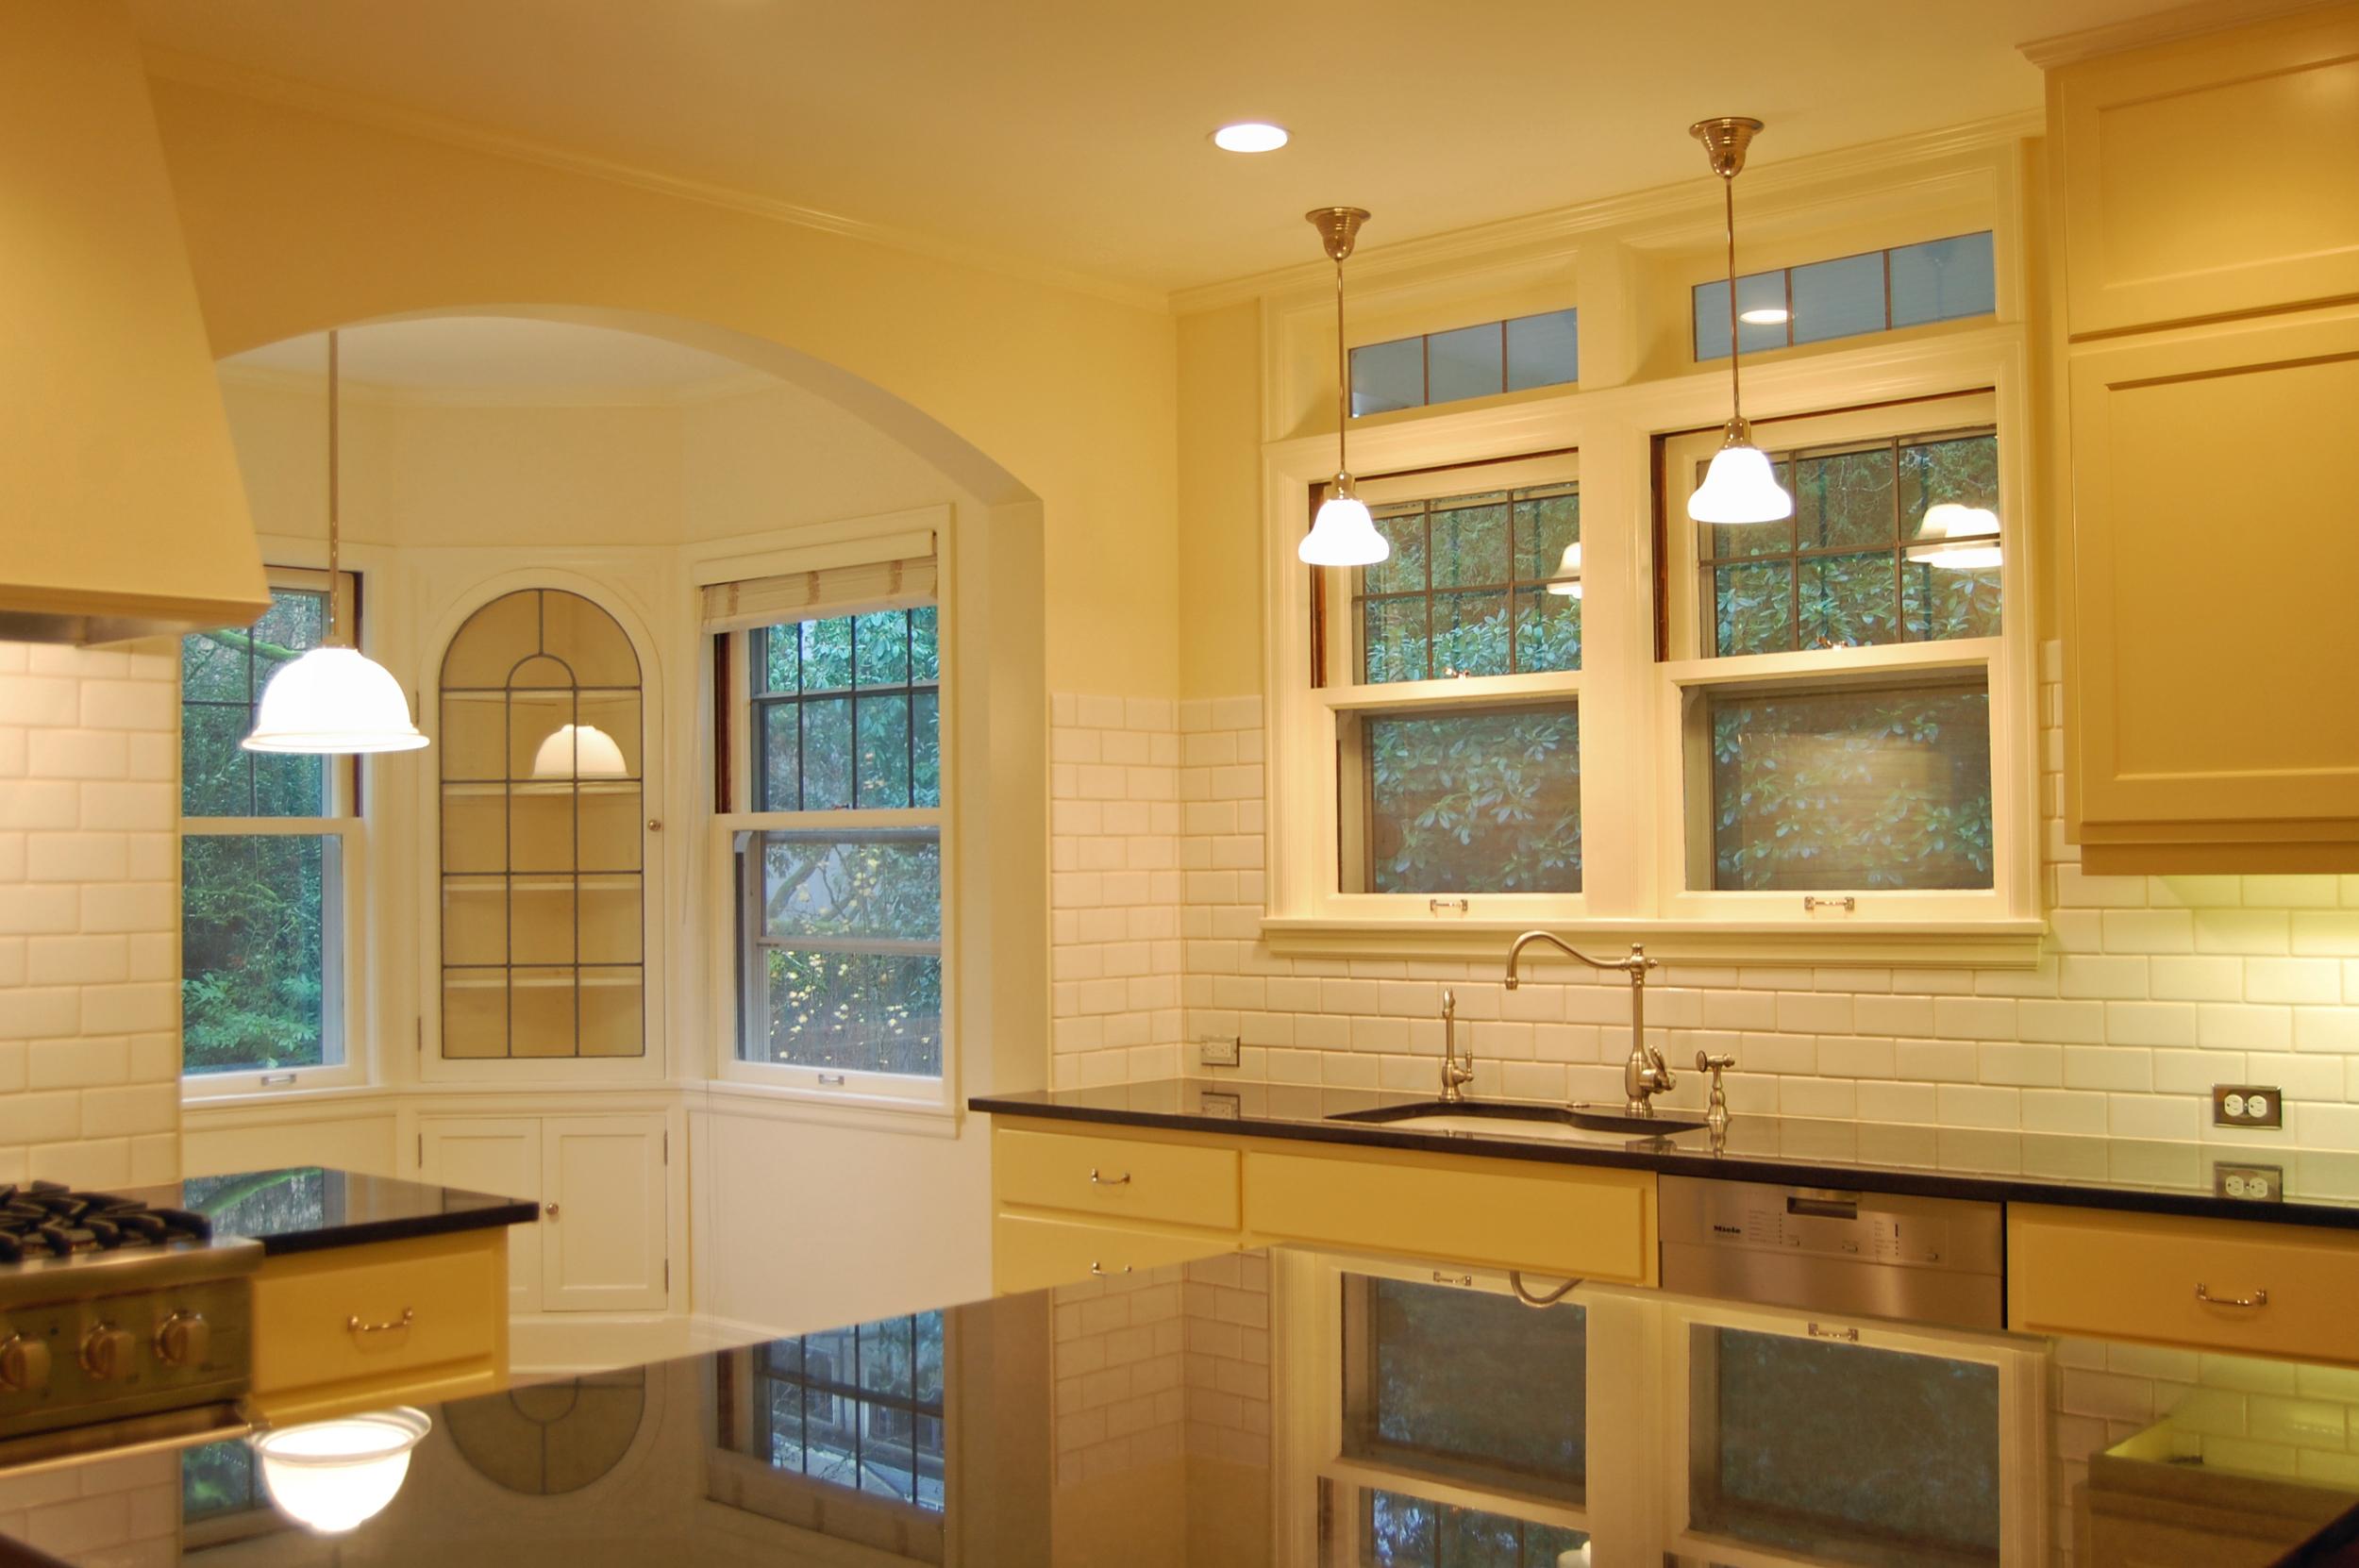 vista_kitchen_08.JPG